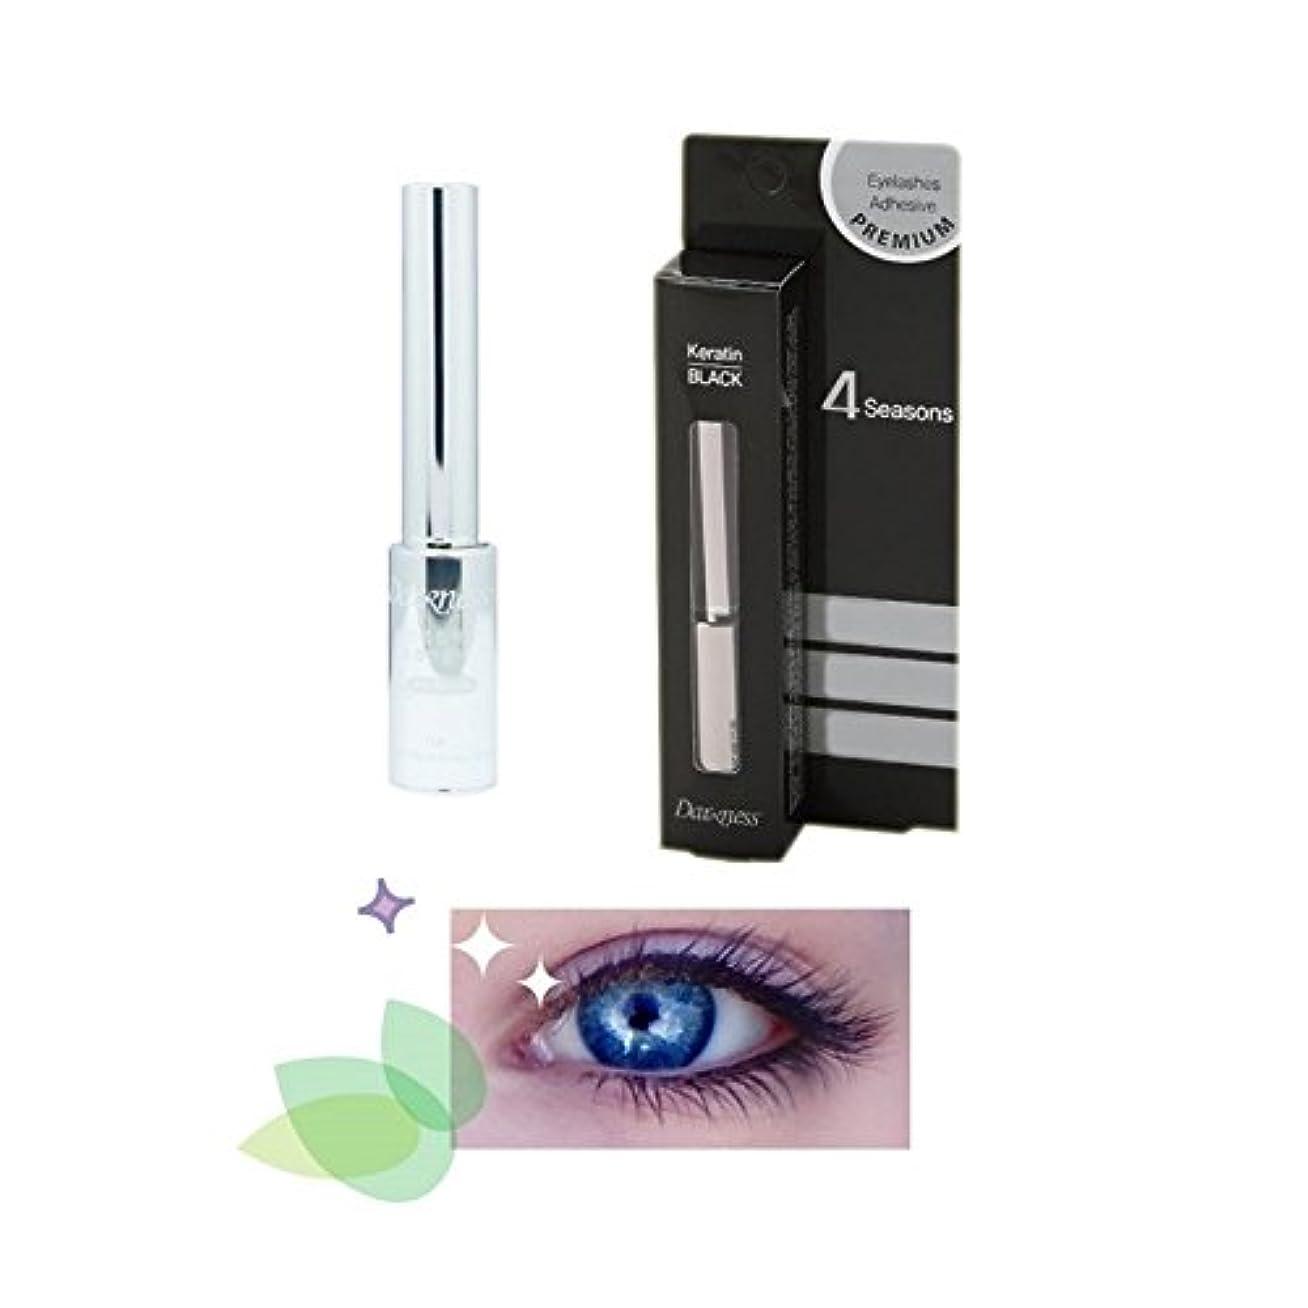 ヒステリック底素人False つけまつげ 接着剤 7ml Eyelashes Glue Eyelashes Adhesive Keratin 含有 並行輸入